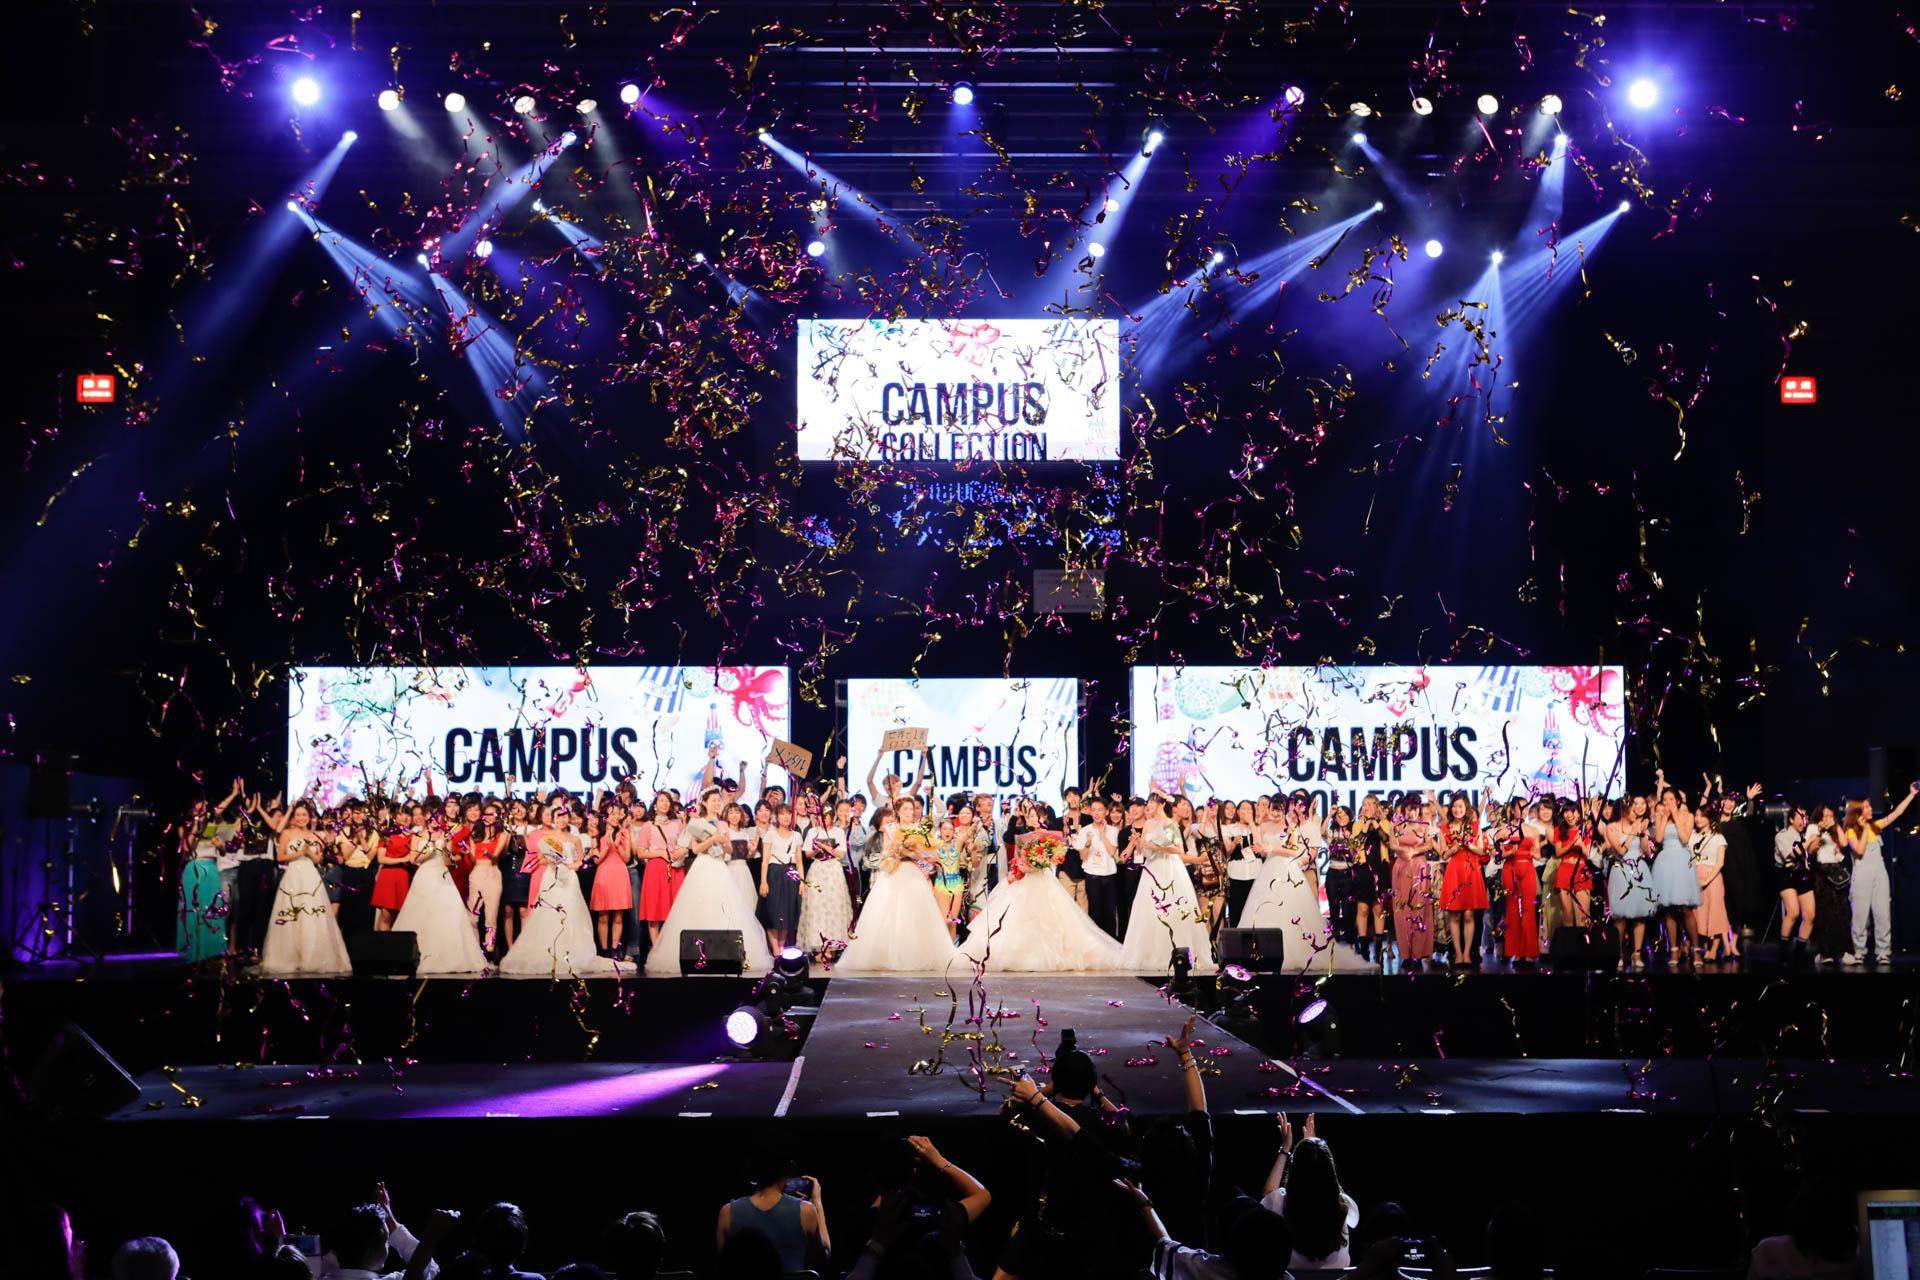 ミスコン「CAMPUS COLLECTION 2020 OKINAWA」(キャンパスコレクション)」